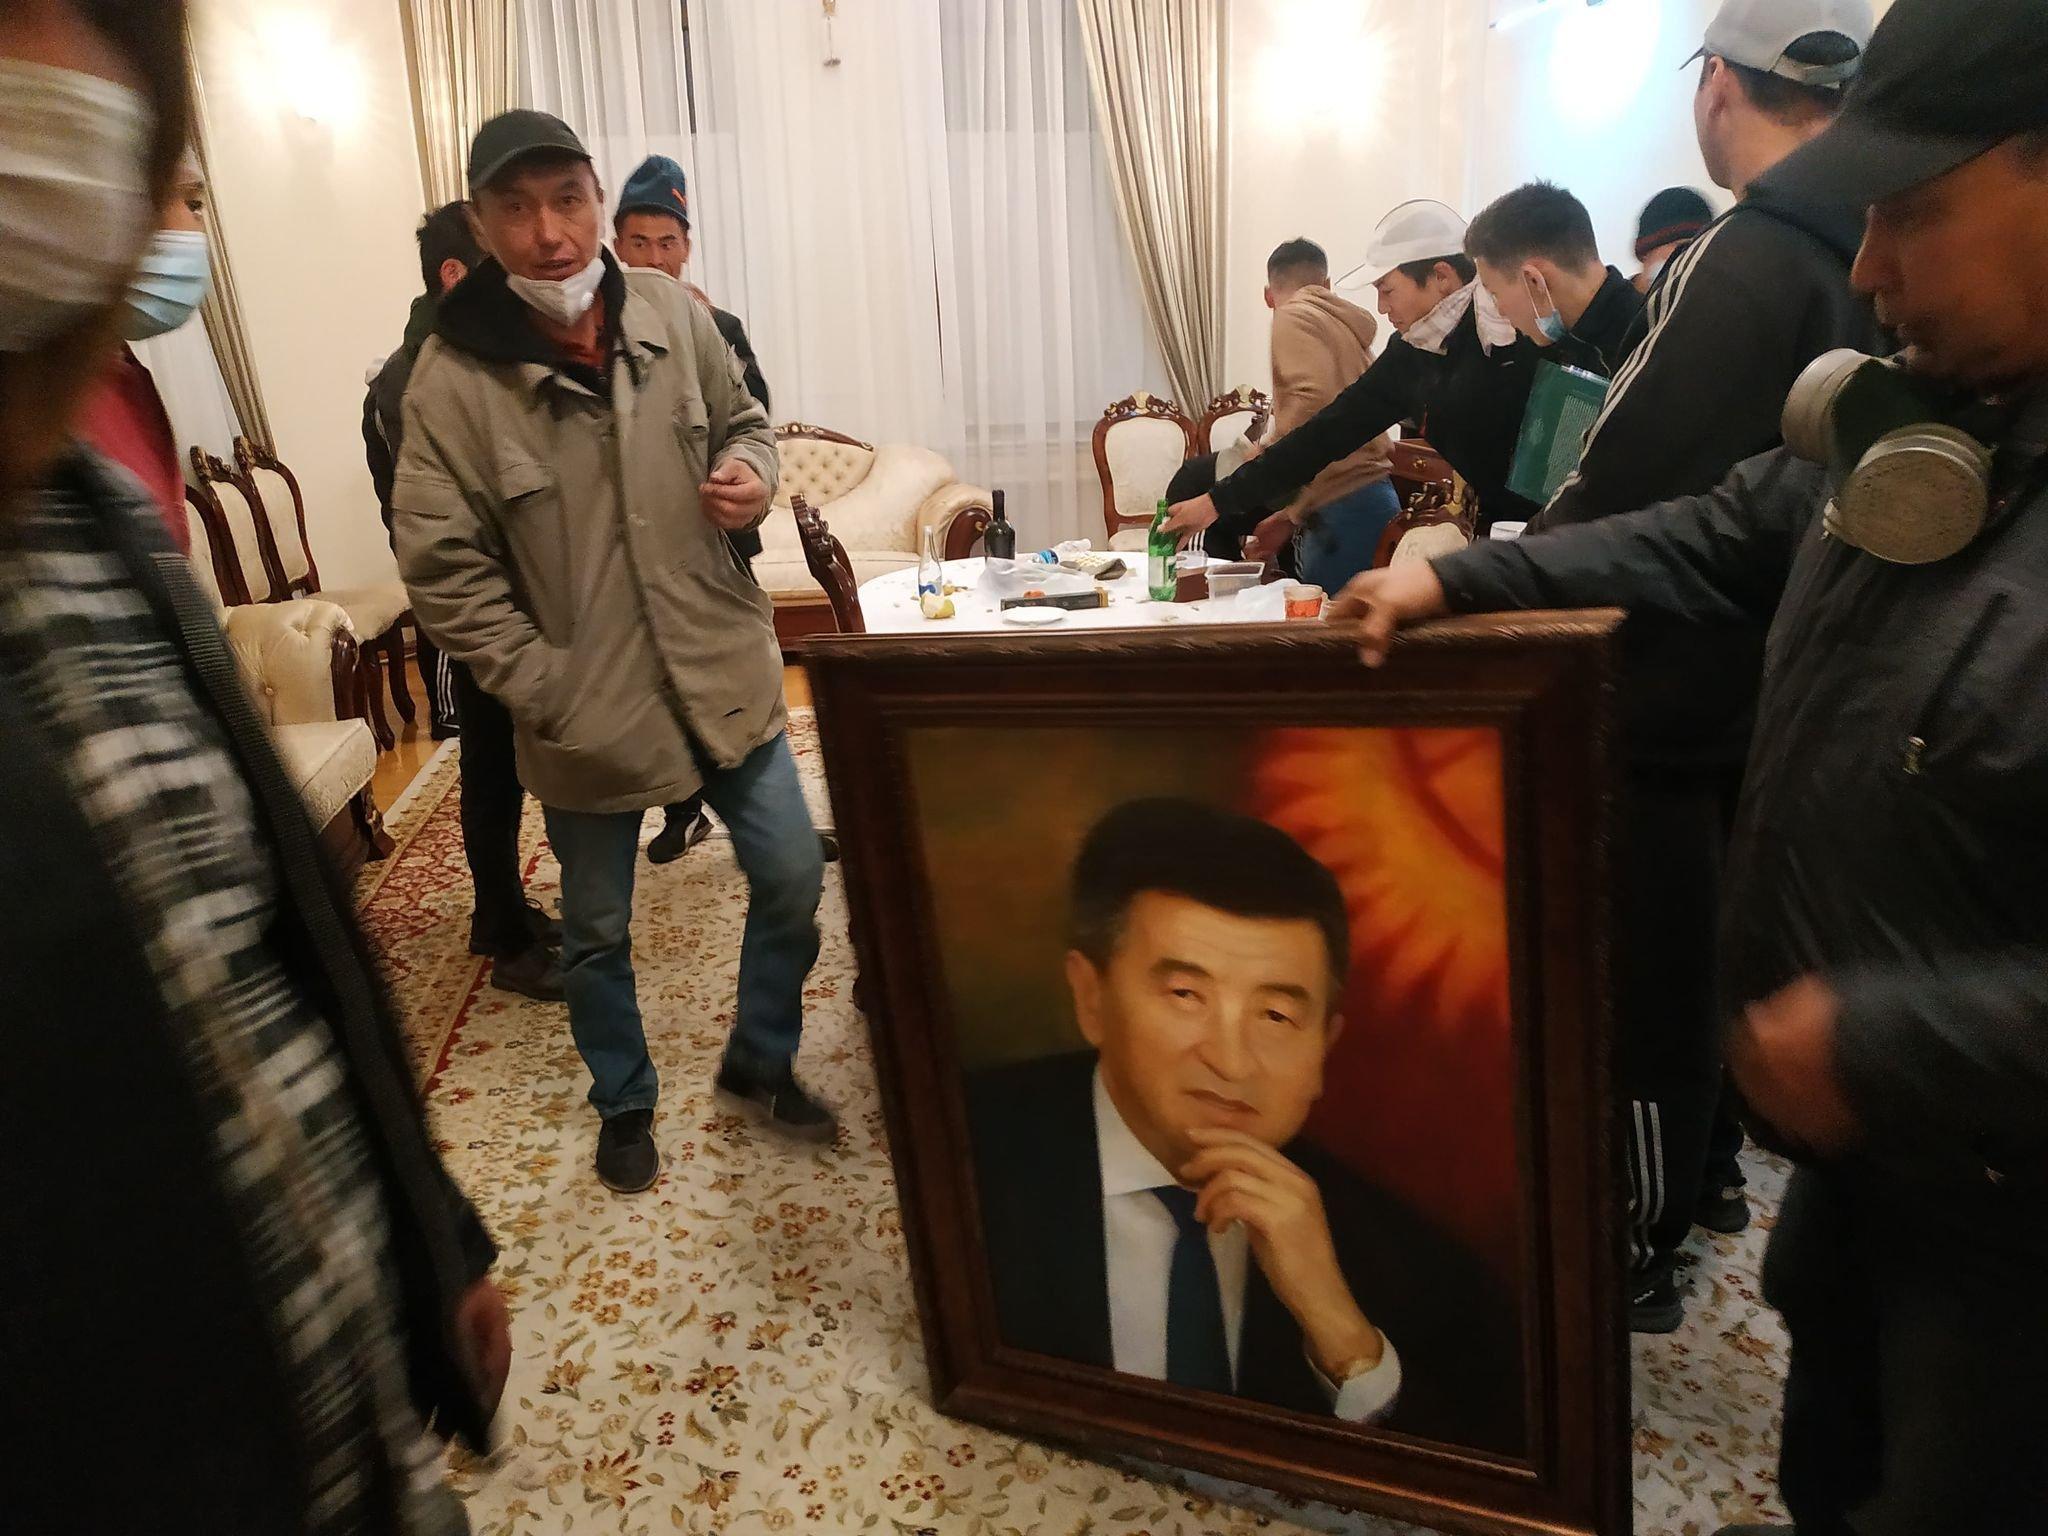 После Белоруссии настало время Киргизии. Советский человек как пережиток